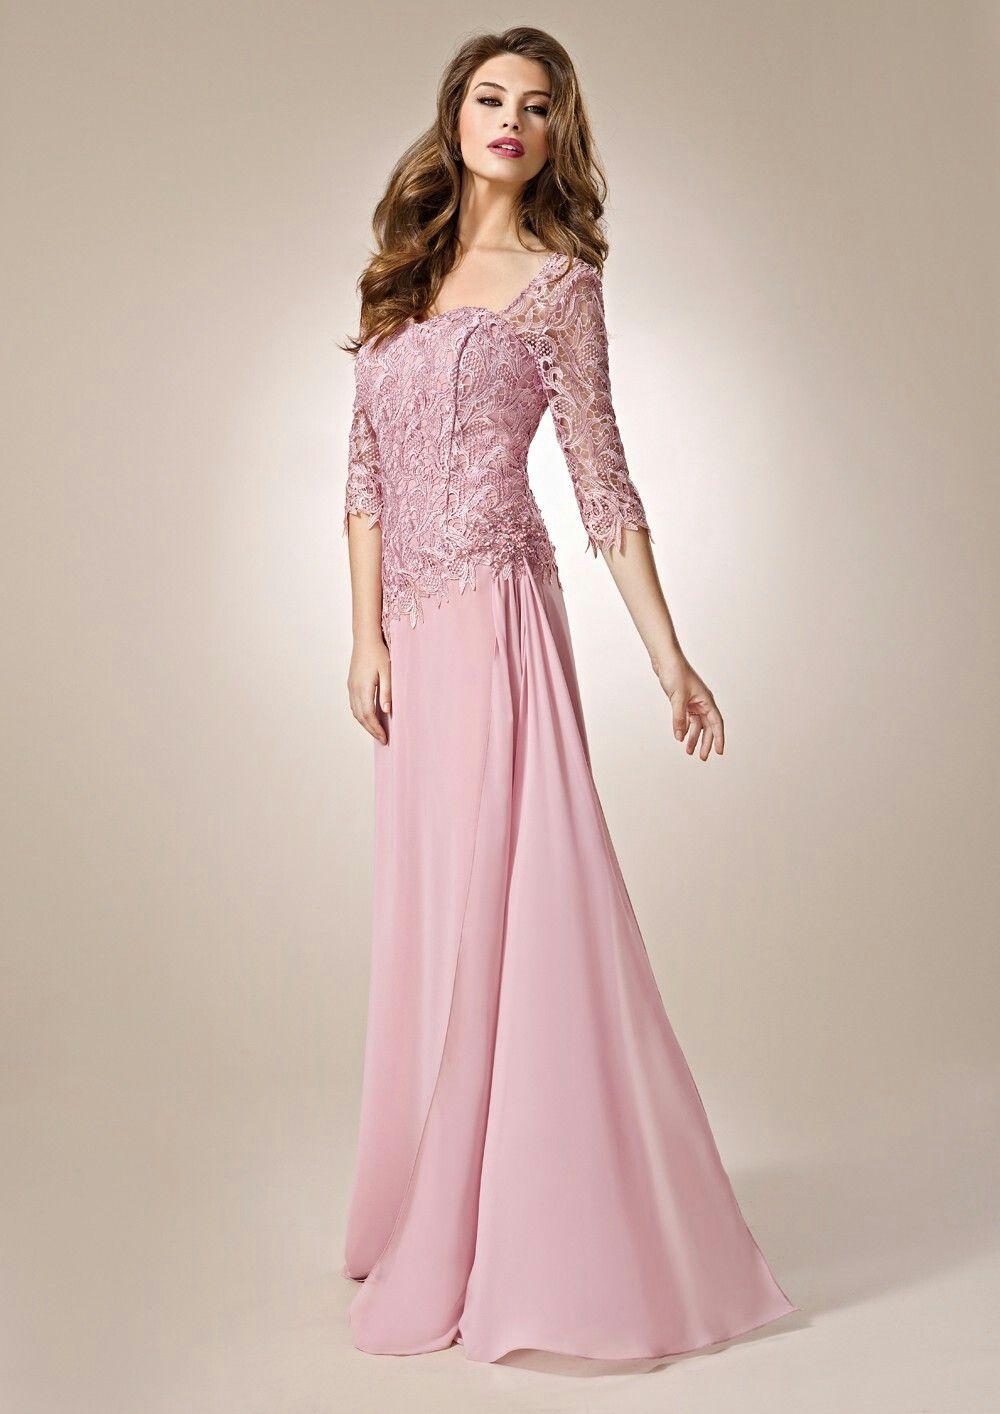 Encantador Vestidos De Novia Idaho Falls Galería - Colección de ...